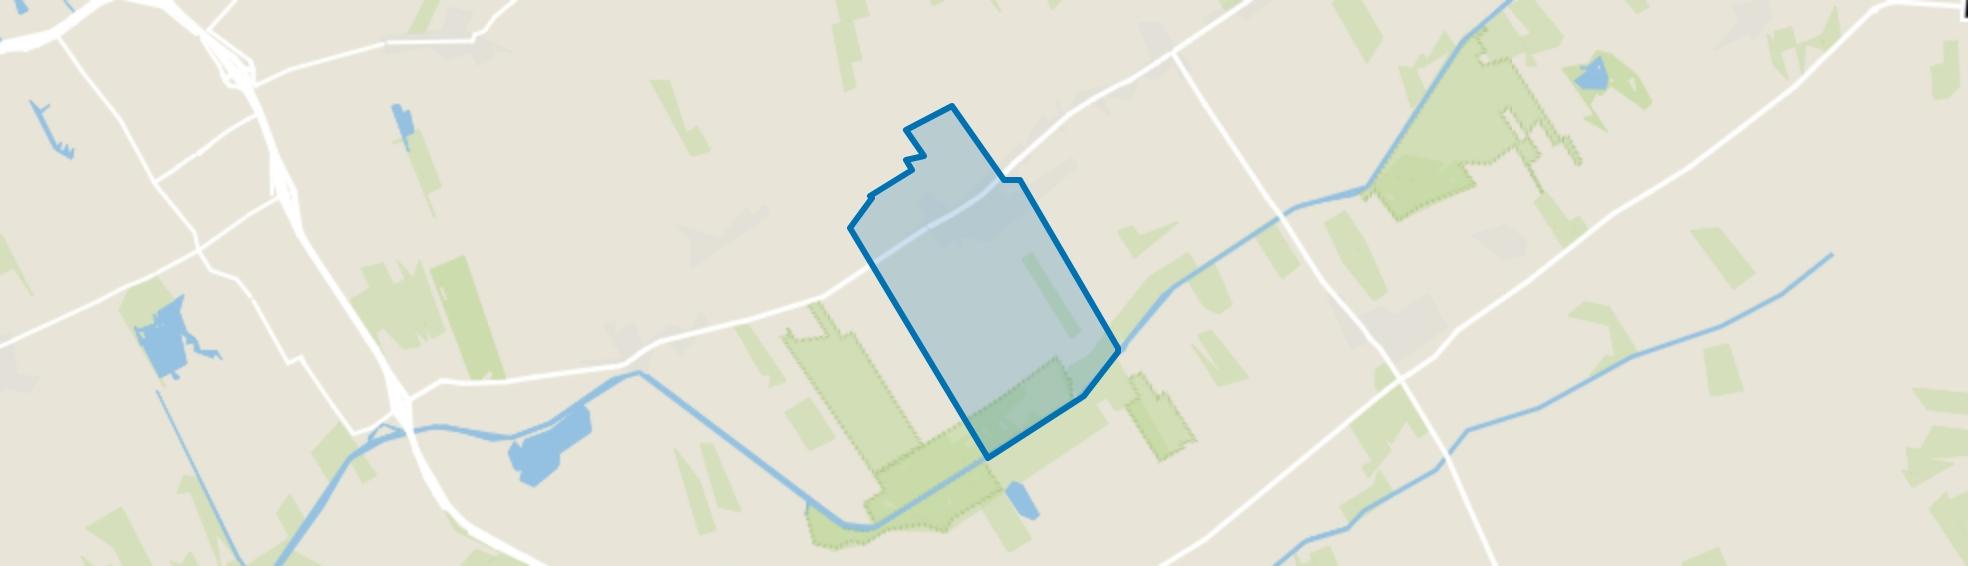 Nieuwehorne, Nieuwehorne map